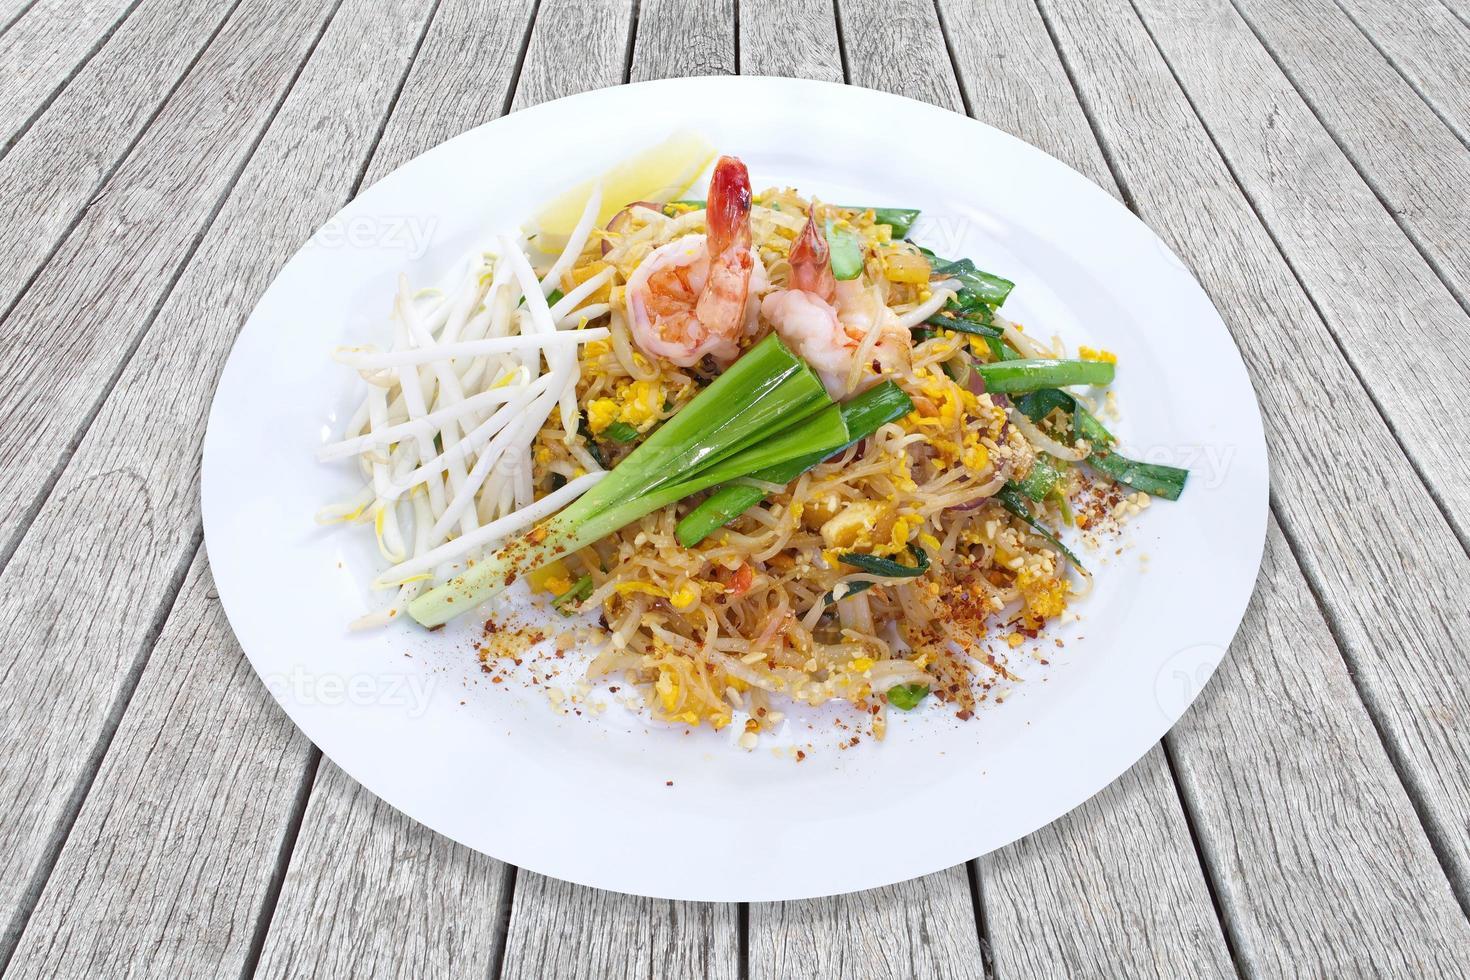 pad thai, nouilles de riz sautées thaïlandaises, œufs, tofu et légumes photo